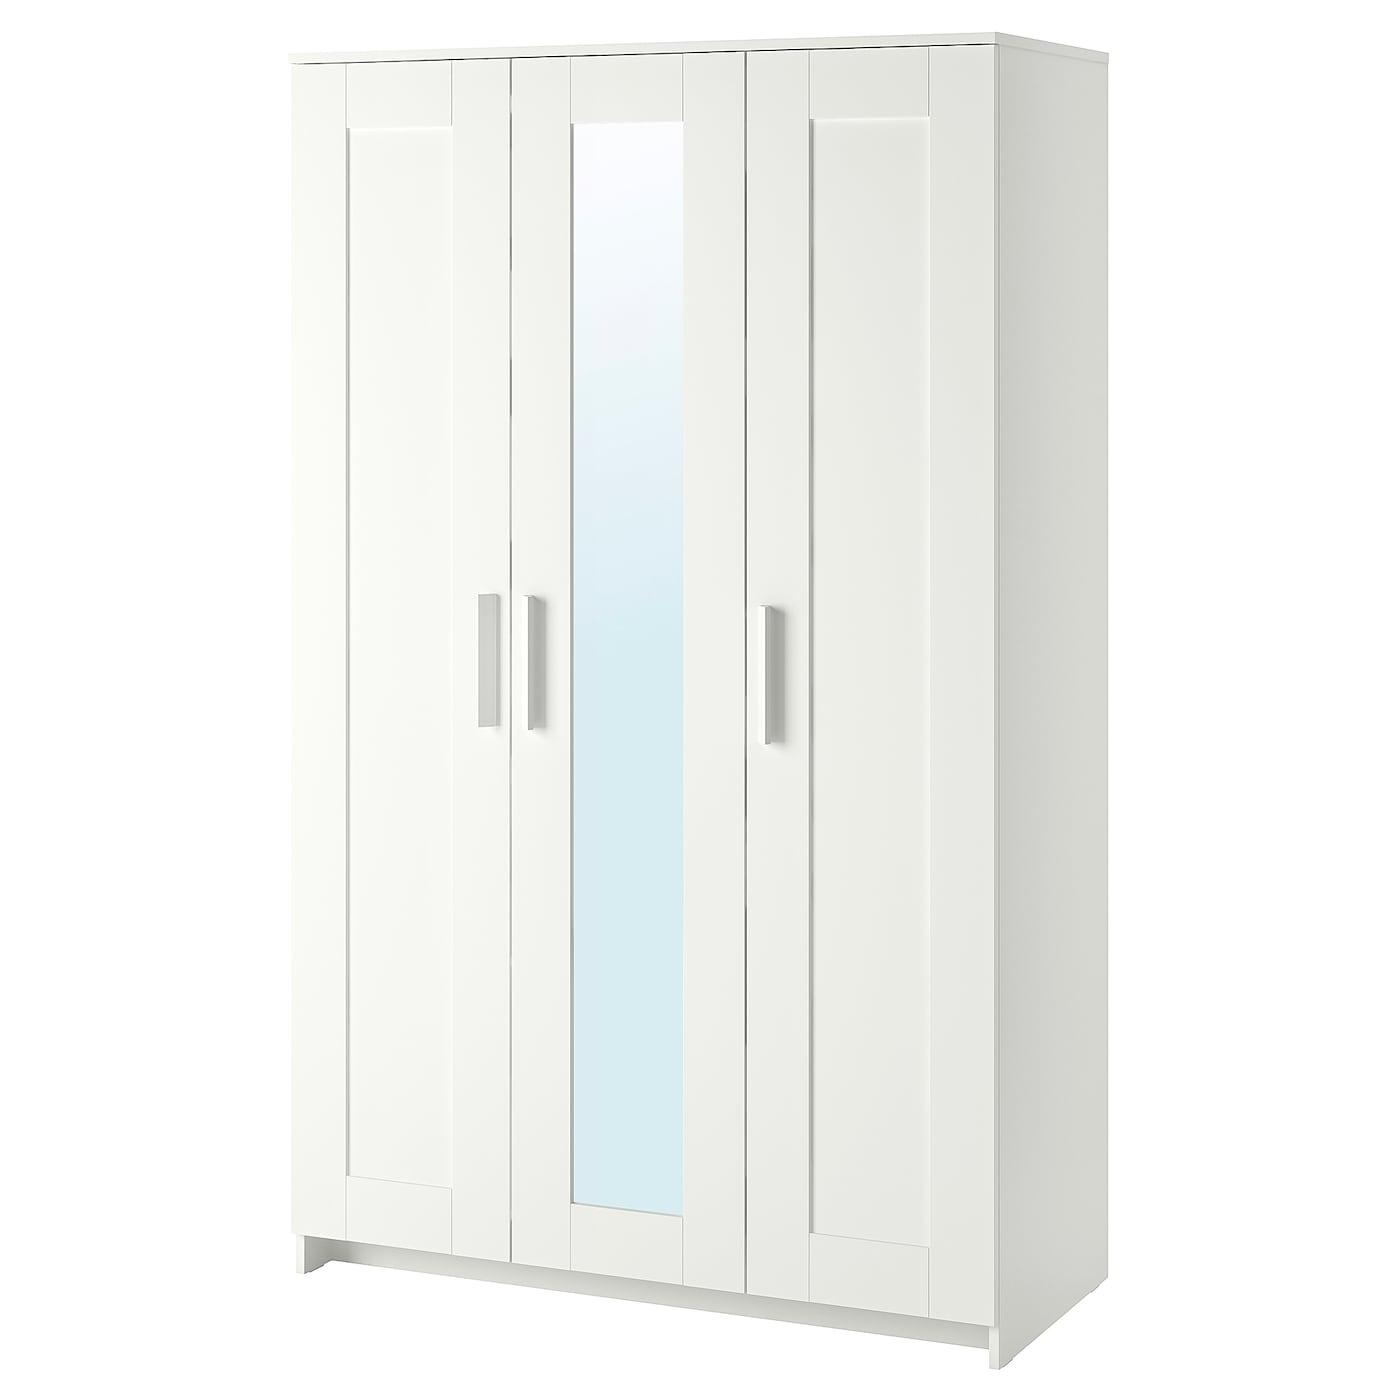 Brimnes Armario Con 3 Puertas Blanco 117 X 190 Cm Ikea